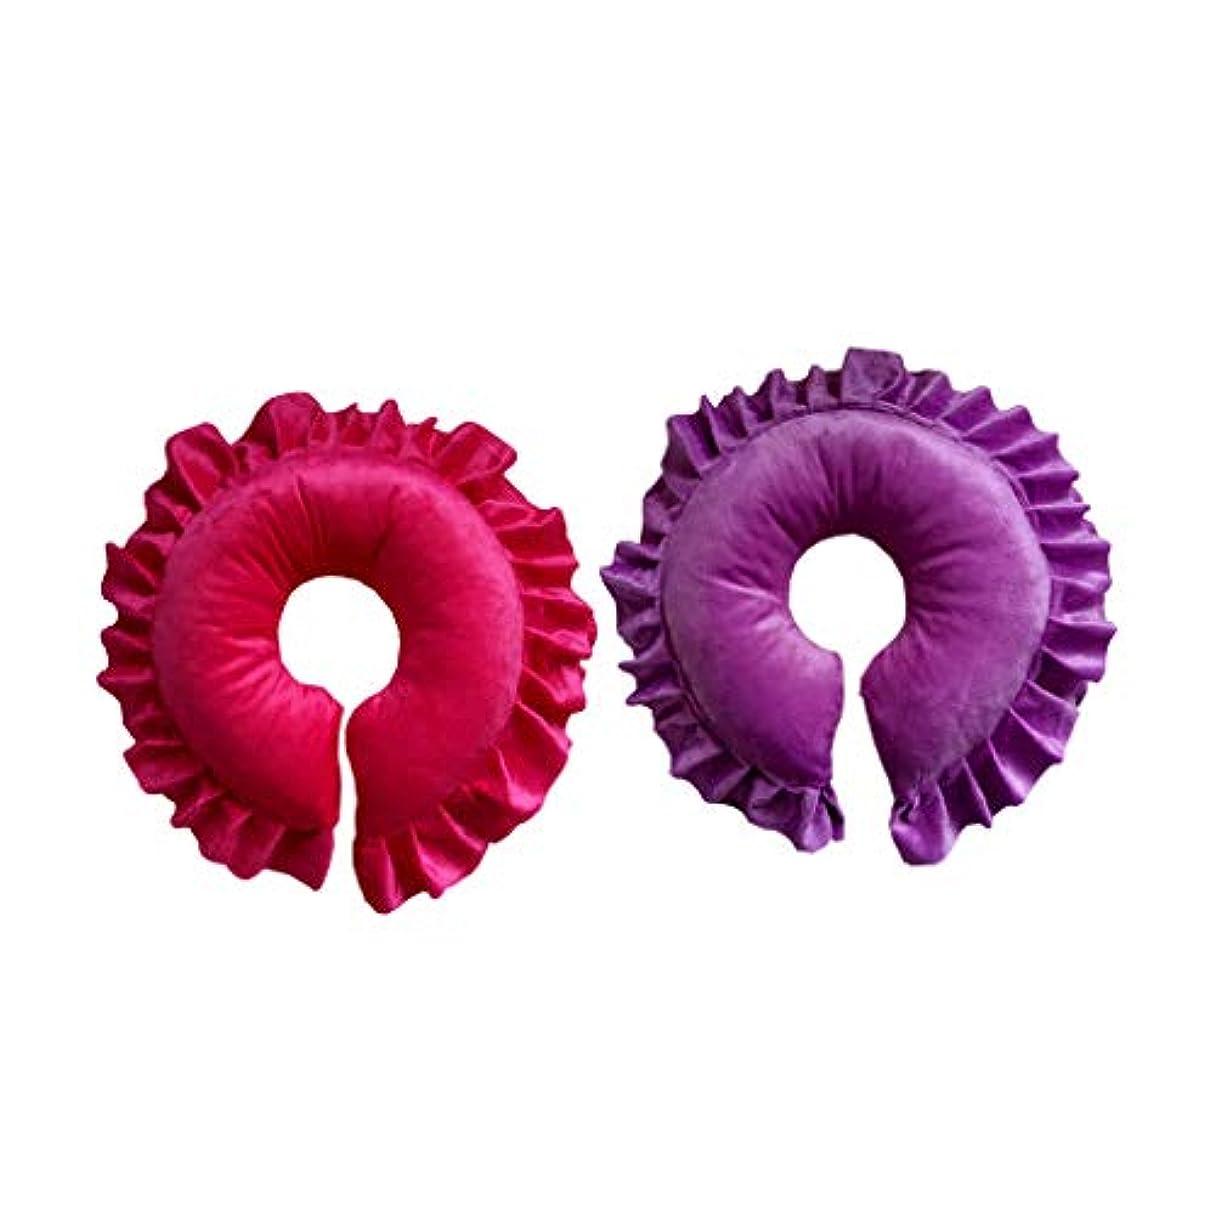 精緻化プレゼンターかわいらしいchiwanji フェイスピロー マッサージ枕 クッション サロン スパ 快適 実用的 紫&赤 2個入り